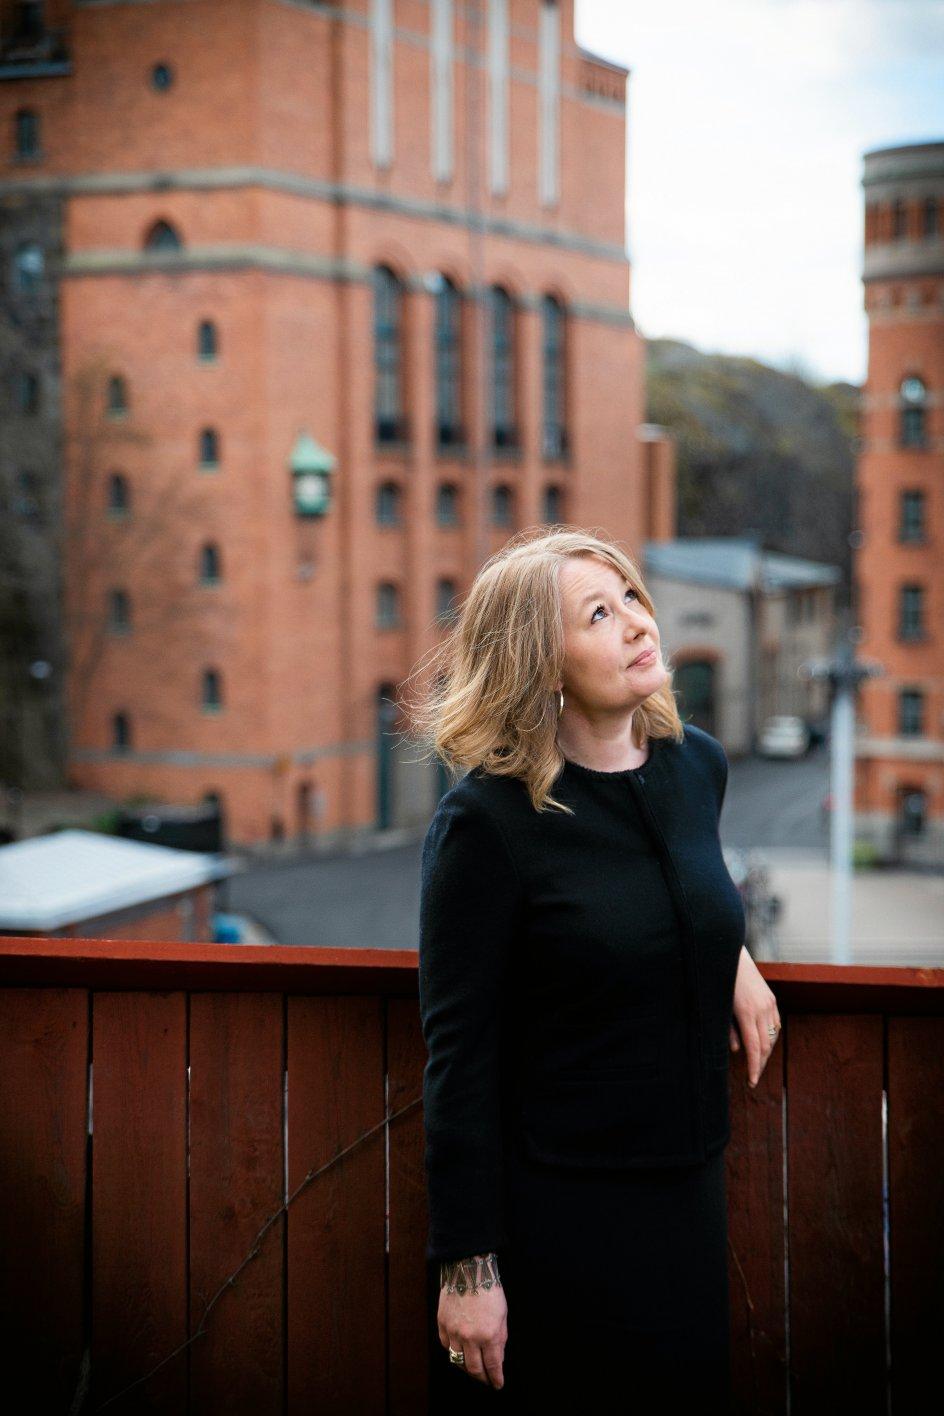 """""""Når man suspenderer etikken i revolutionens navn, svækker man i sidste ende den gode sag,"""" mener journalist og forfatter Åsa Linderborg, der spillede en central rolle i Aftonbladets dækning af MeToo i Sverige. En dækning, som siden har modtaget hård kritik, efter at en teaterdirektør, avisen skrev om, begik selvmord."""